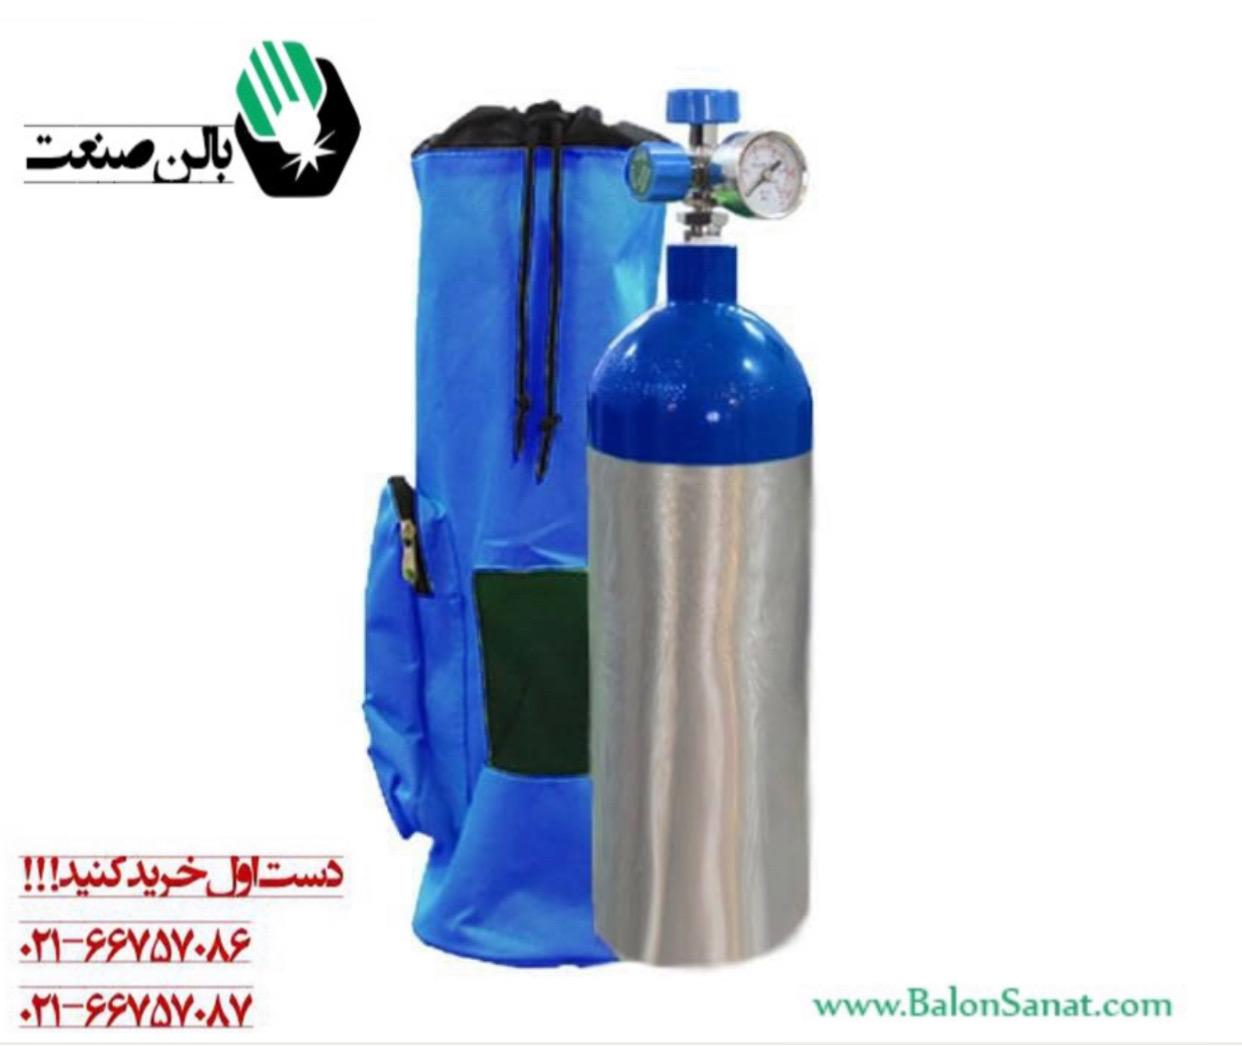 کپسول اکسیژن 2/5 لیتری آلمینیوم